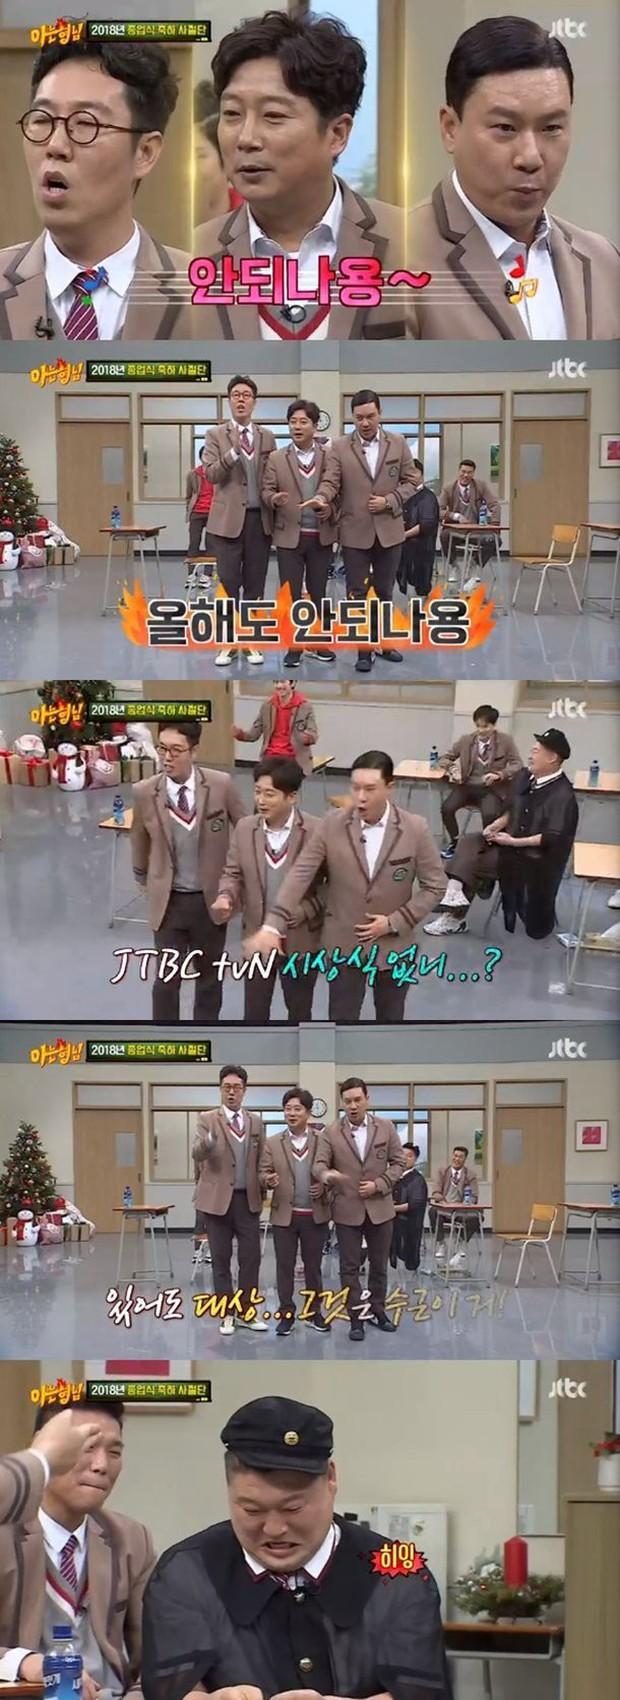 Các thành viên show thực tế hát ca khúc châm biếm nhà đài vì không được tổ chức lễ trao giải như 3 ông lớn - Ảnh 1.